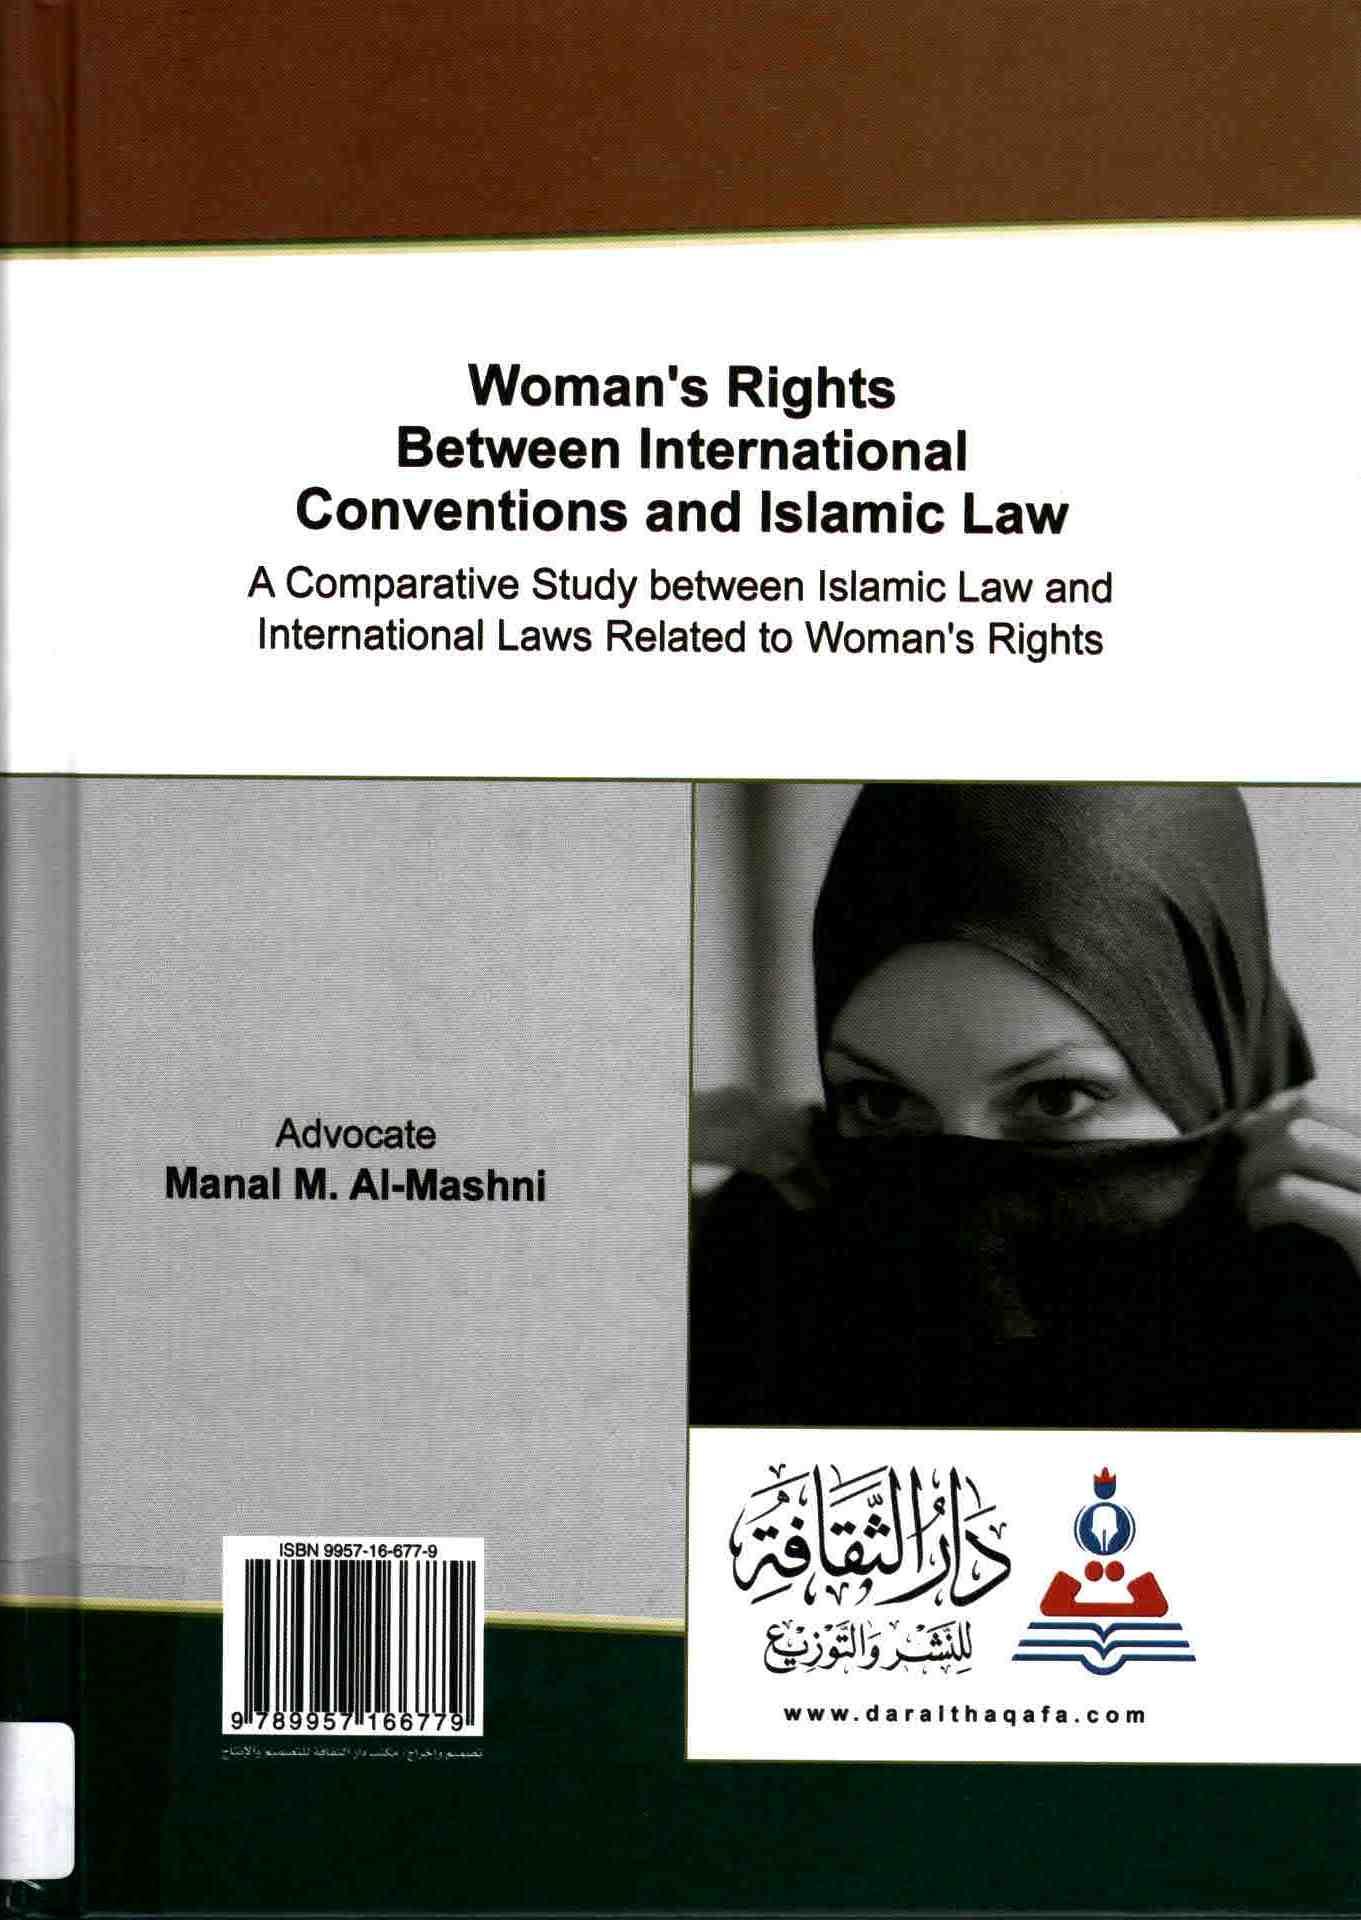 غلاف كتاب حقوق المرأة